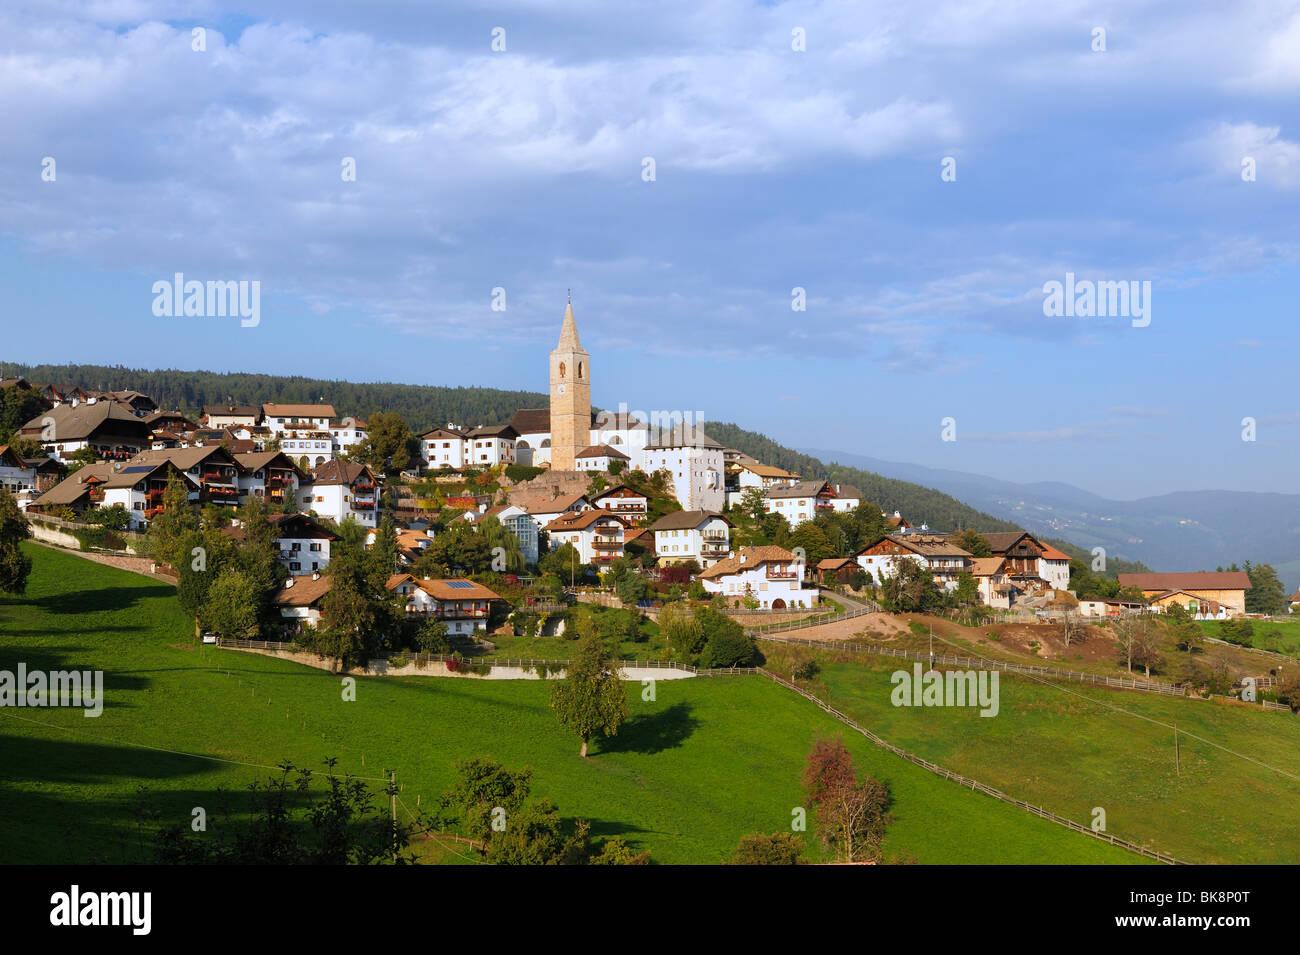 Genesio Gemeinschaft auf dem Salten Plateau auf ca. 1100m am Südhang des Mt. Tschoegglberg, Bozen, Südtirol, Stockbild